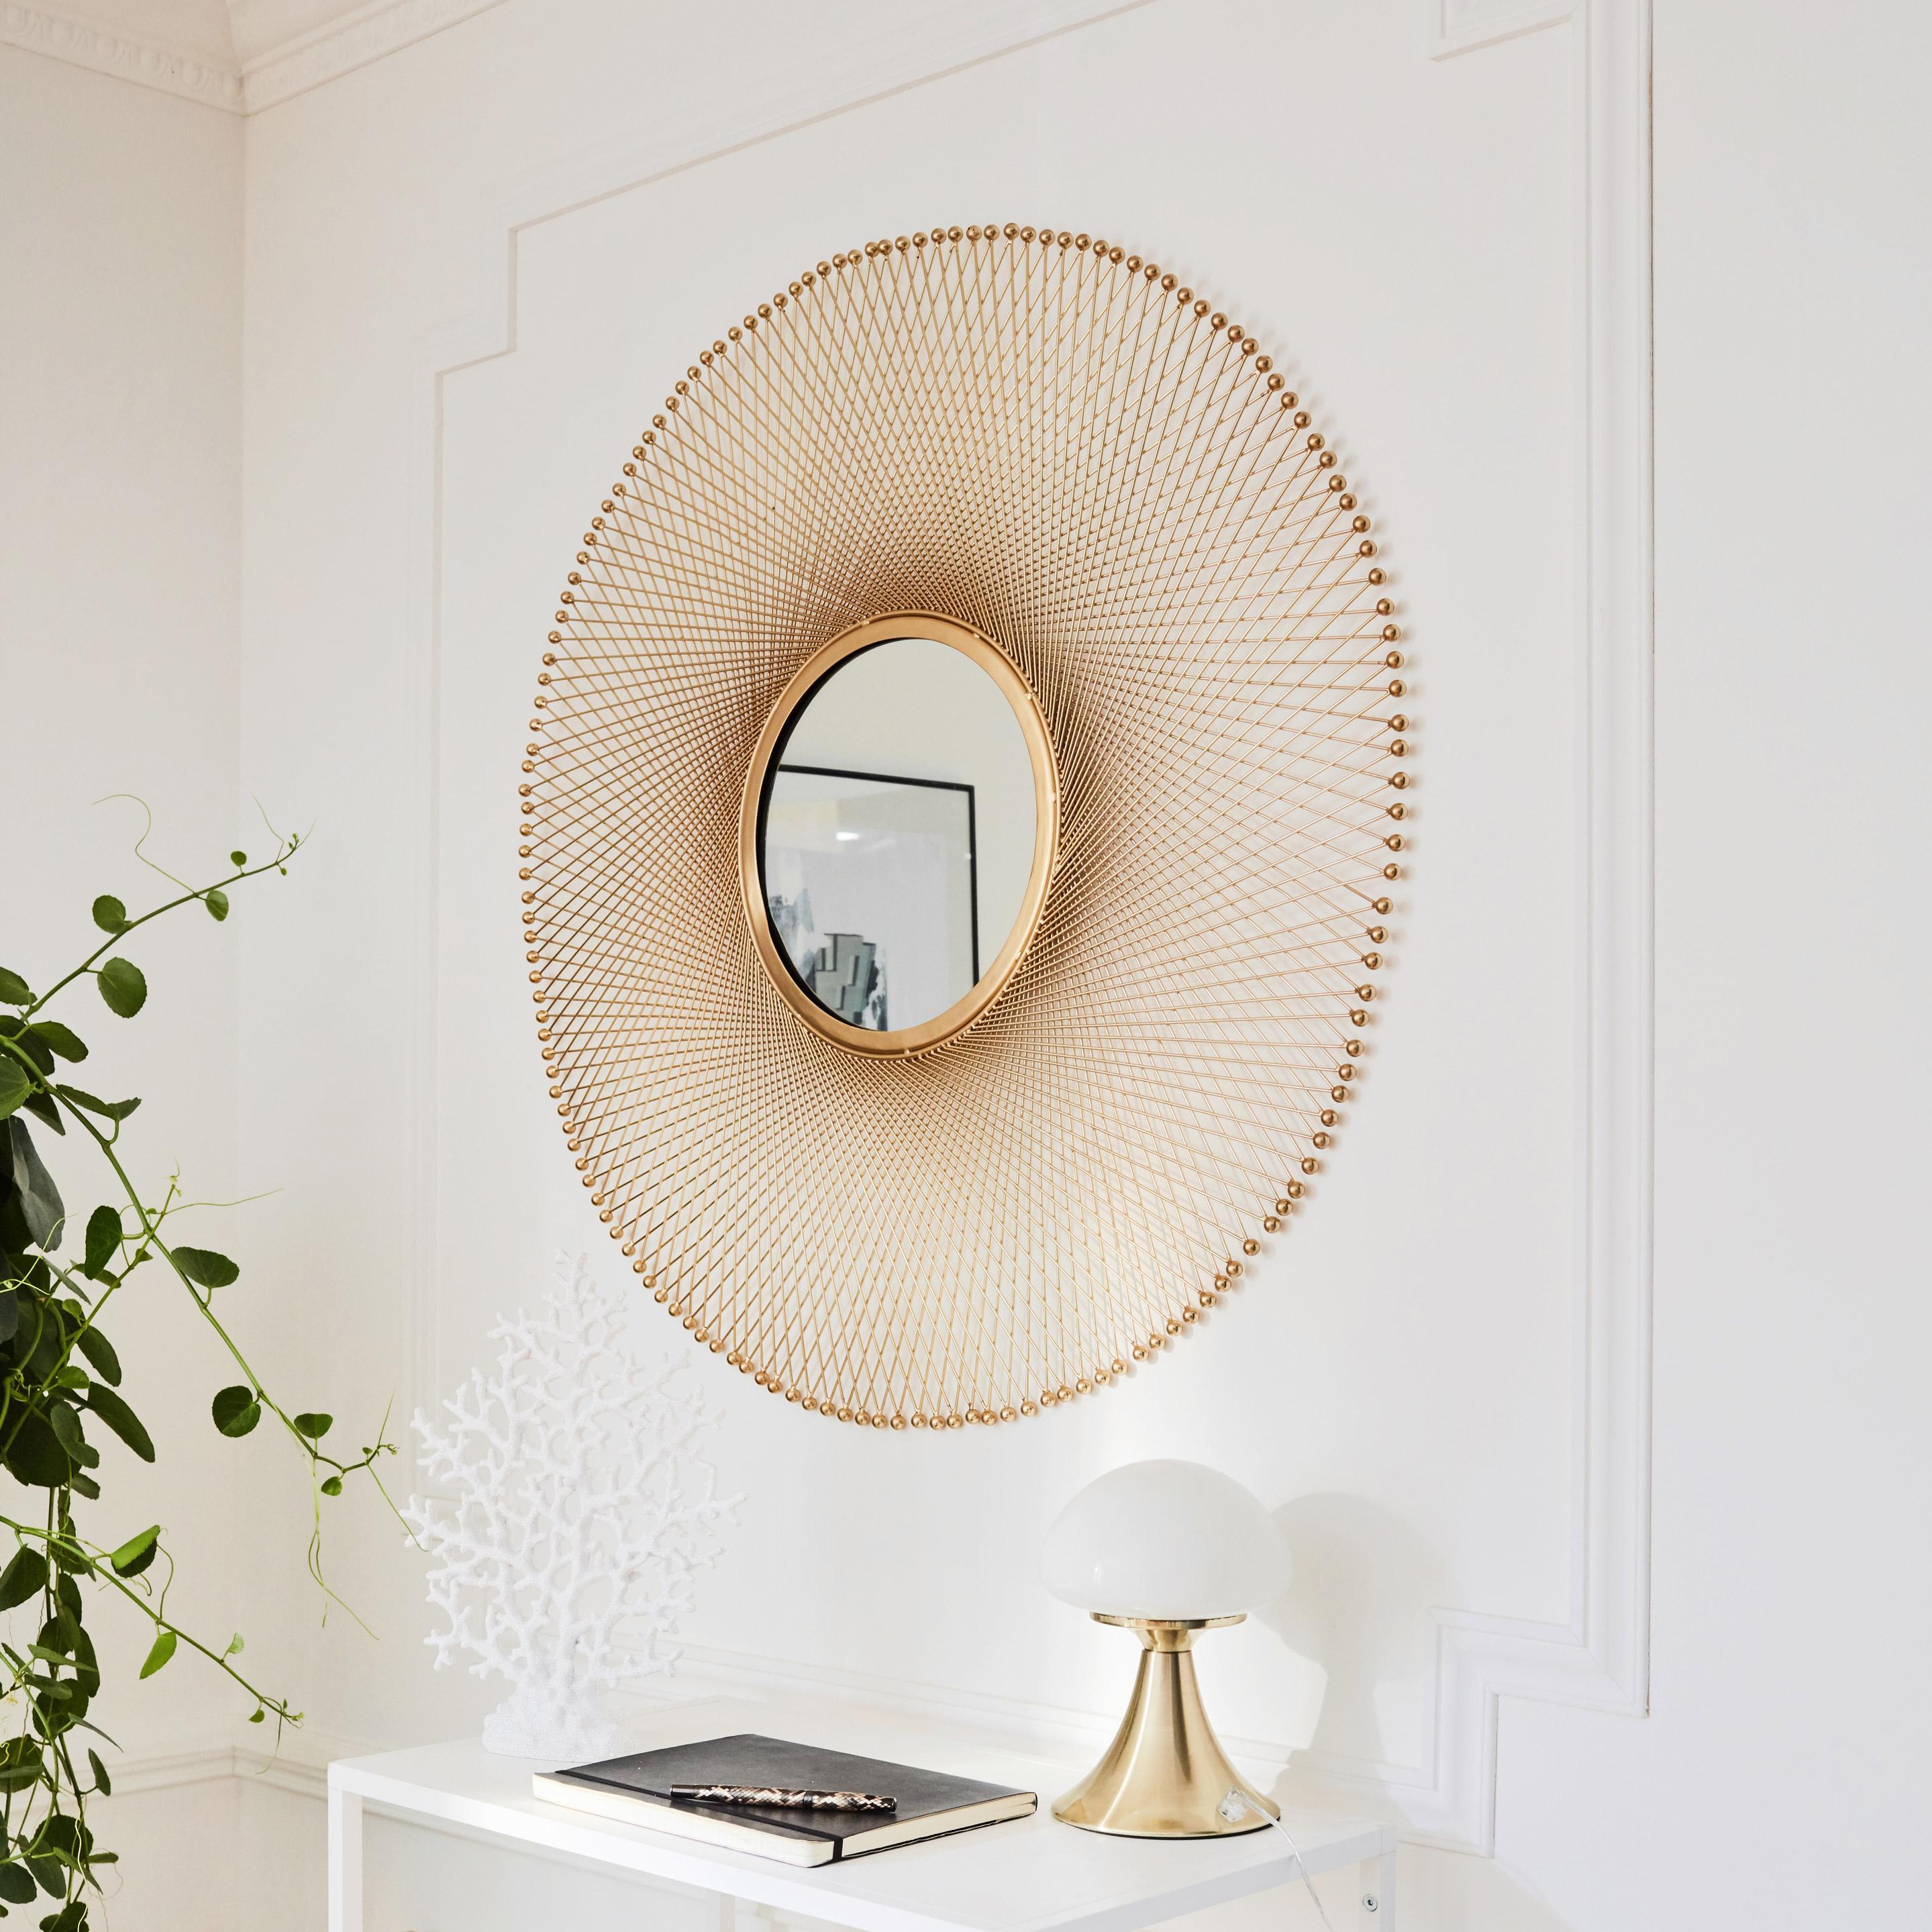 Miroir chic doré 85,5cm